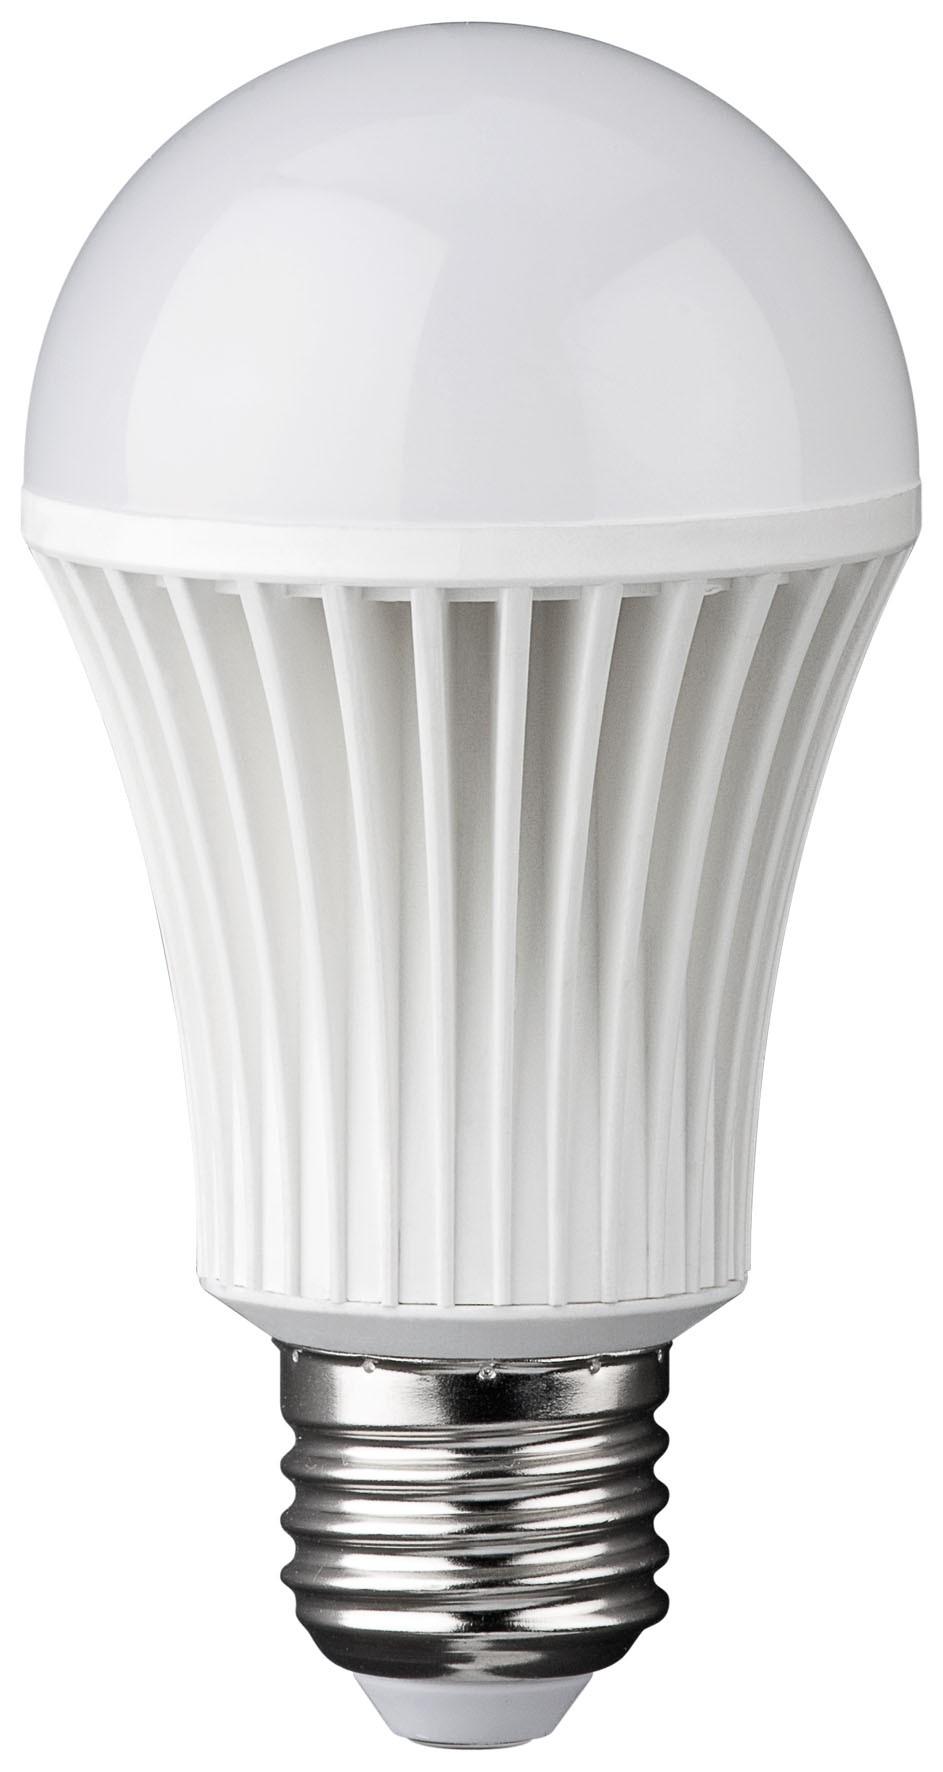 1_Goobay LED Birne, Raumlicht A60, E27 120°, warmweiß, 500lm